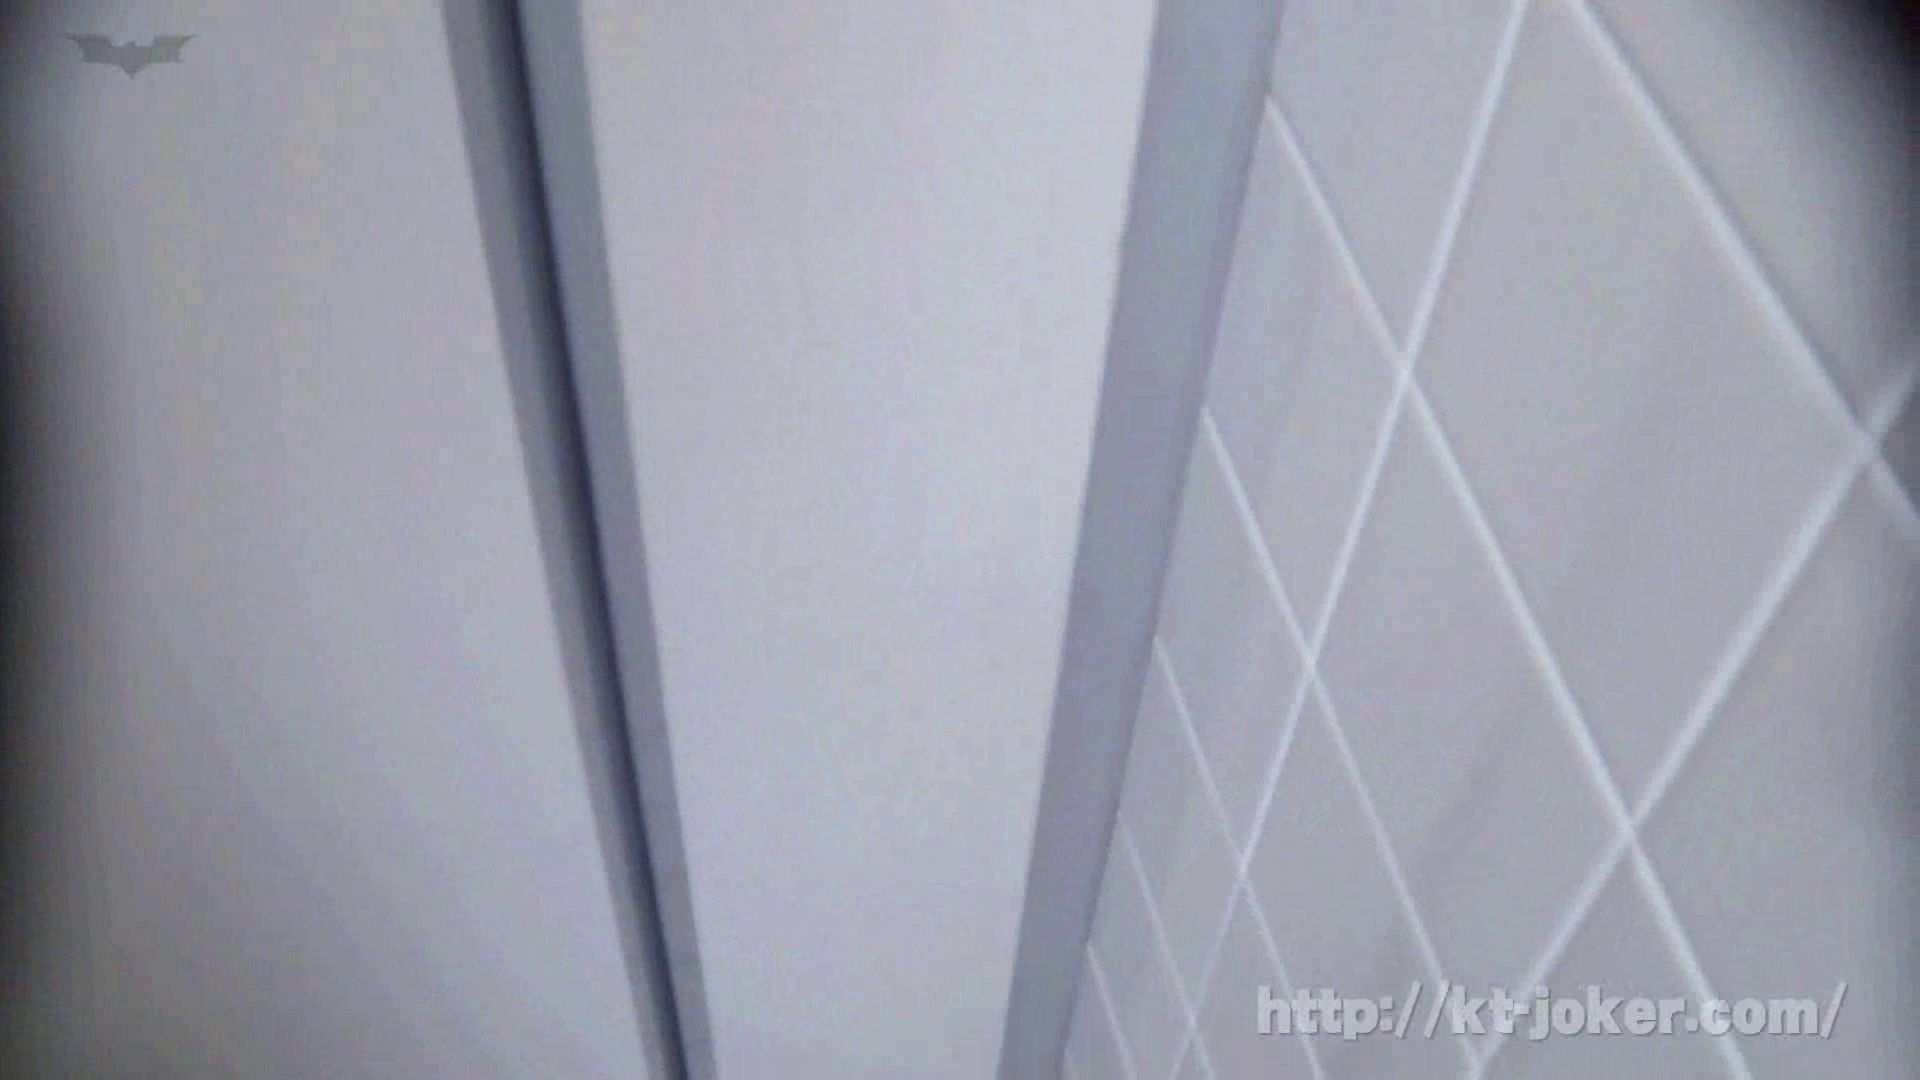 命がけ潜伏洗面所! vol.71 典型的な韓国人美女登場!! OLの実態  97pic 88